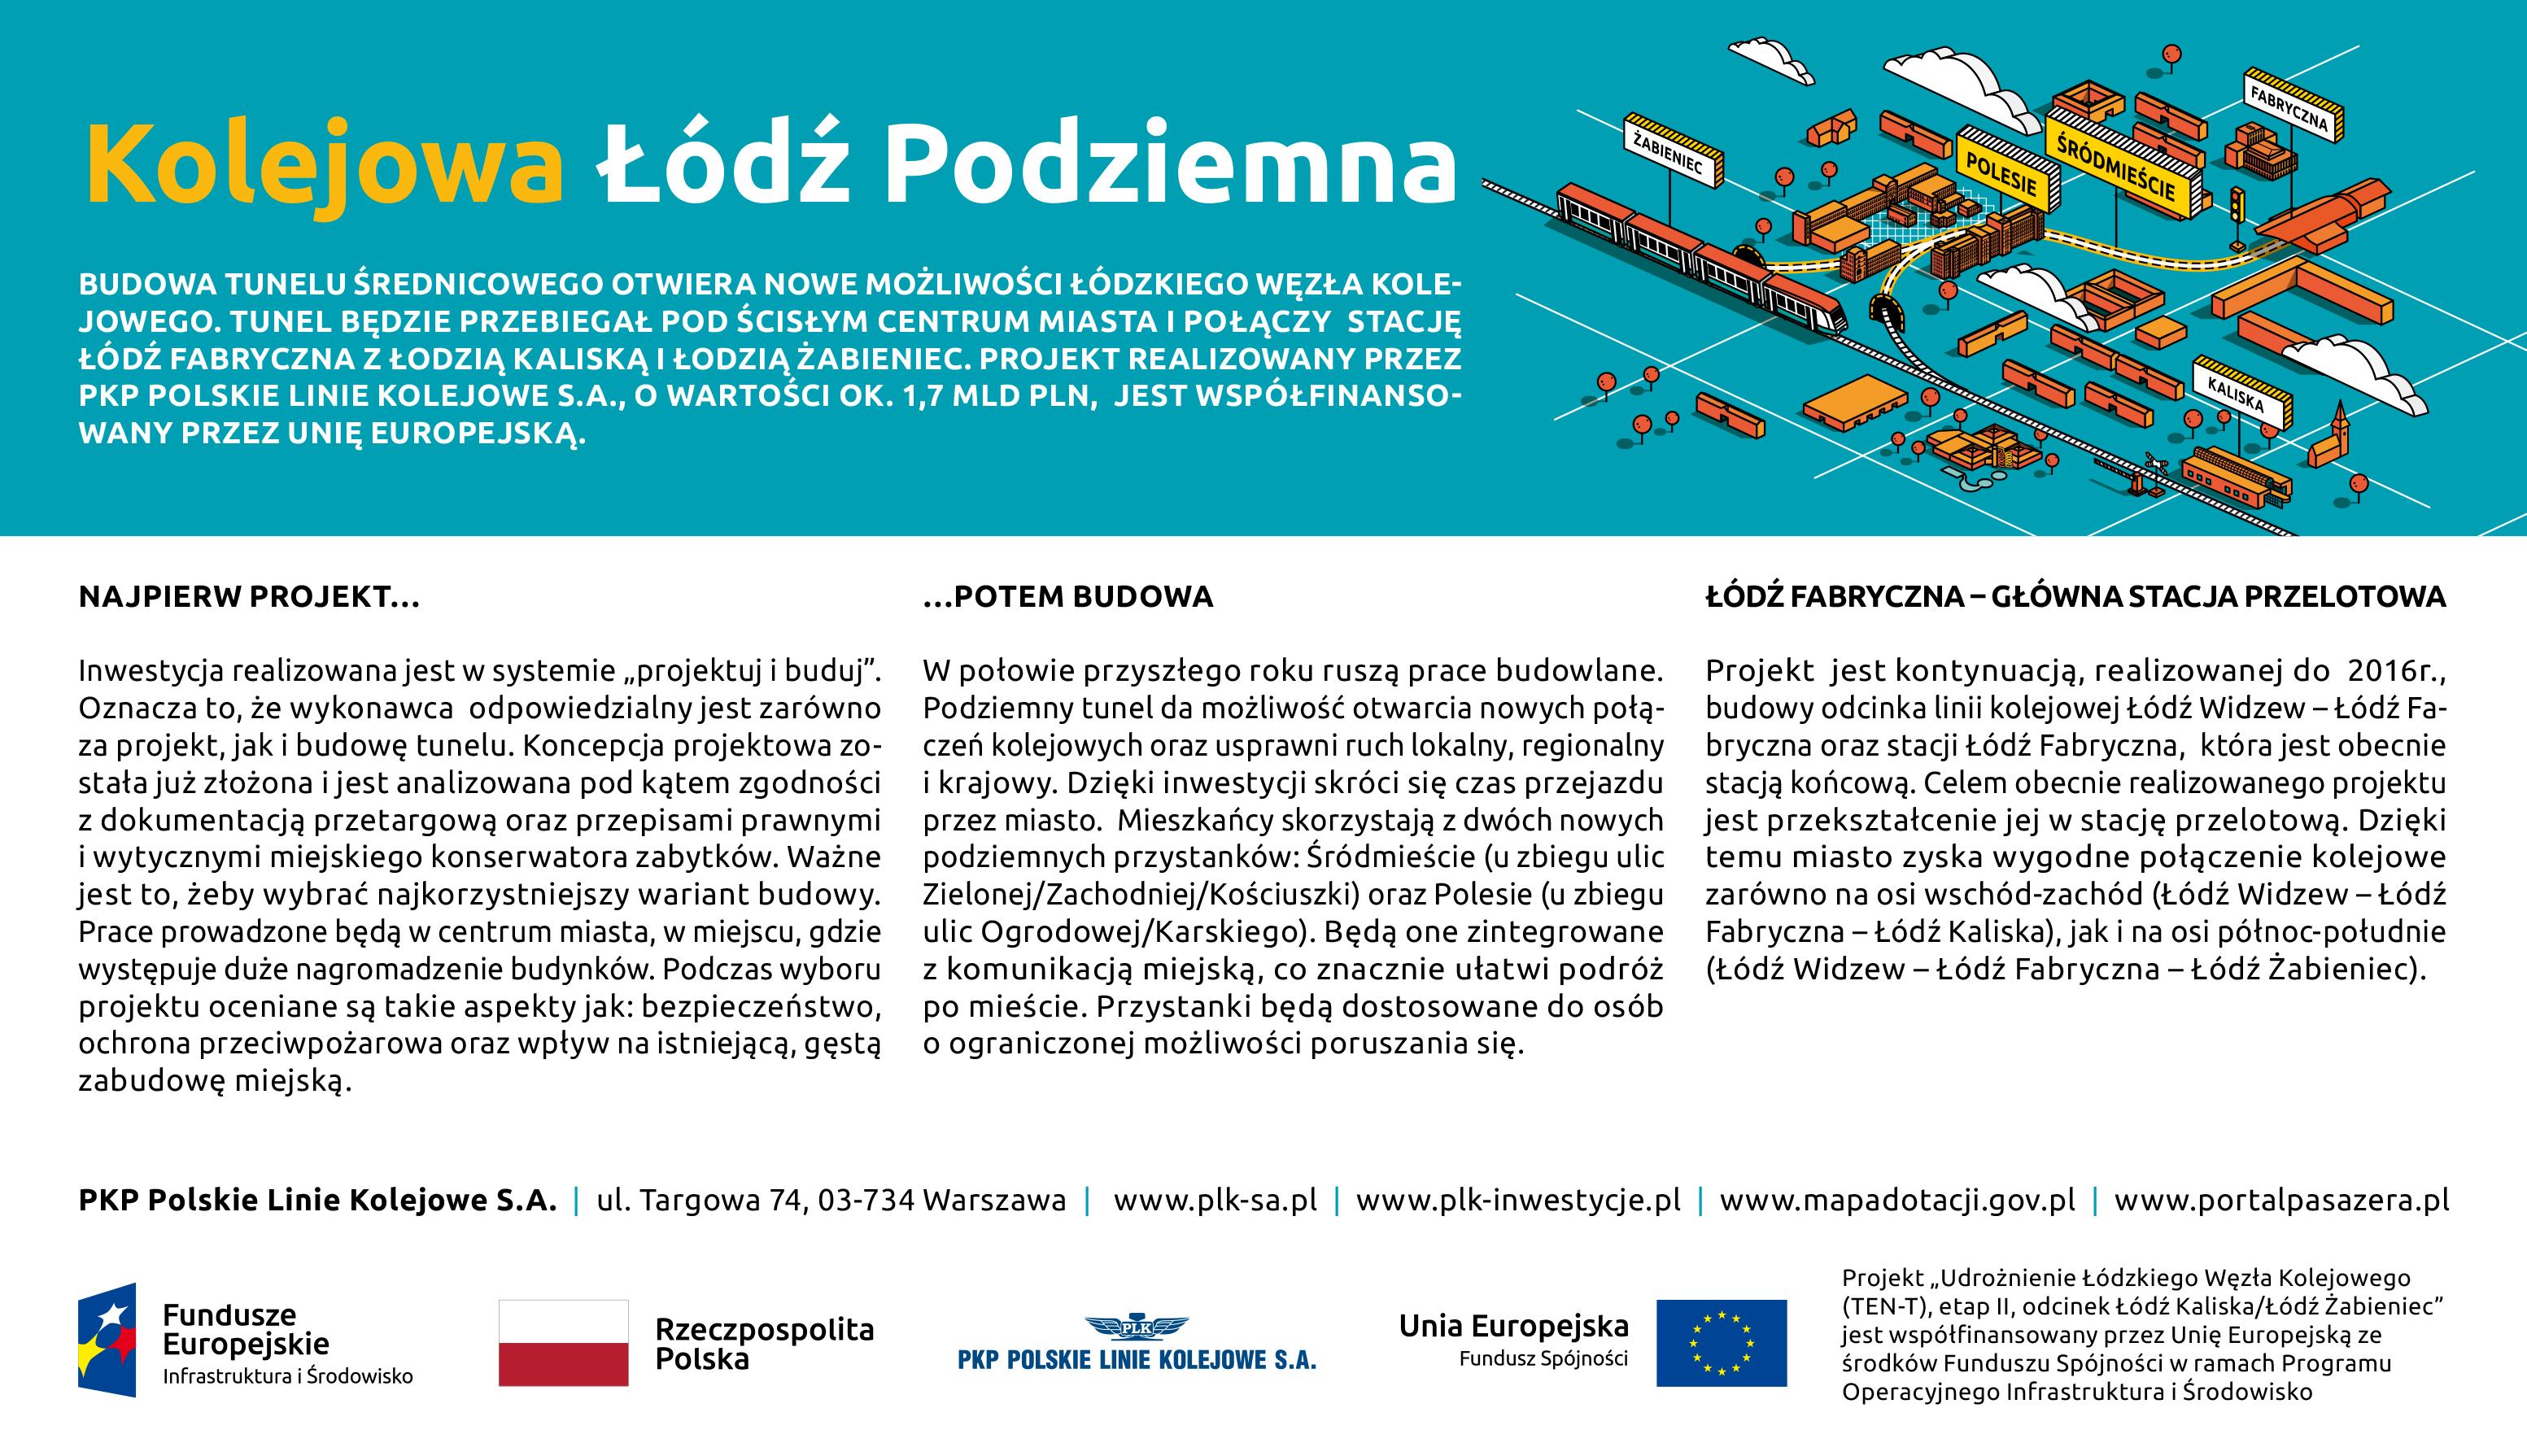 Kolejowa Łódź Podziemna artykuł prasowy